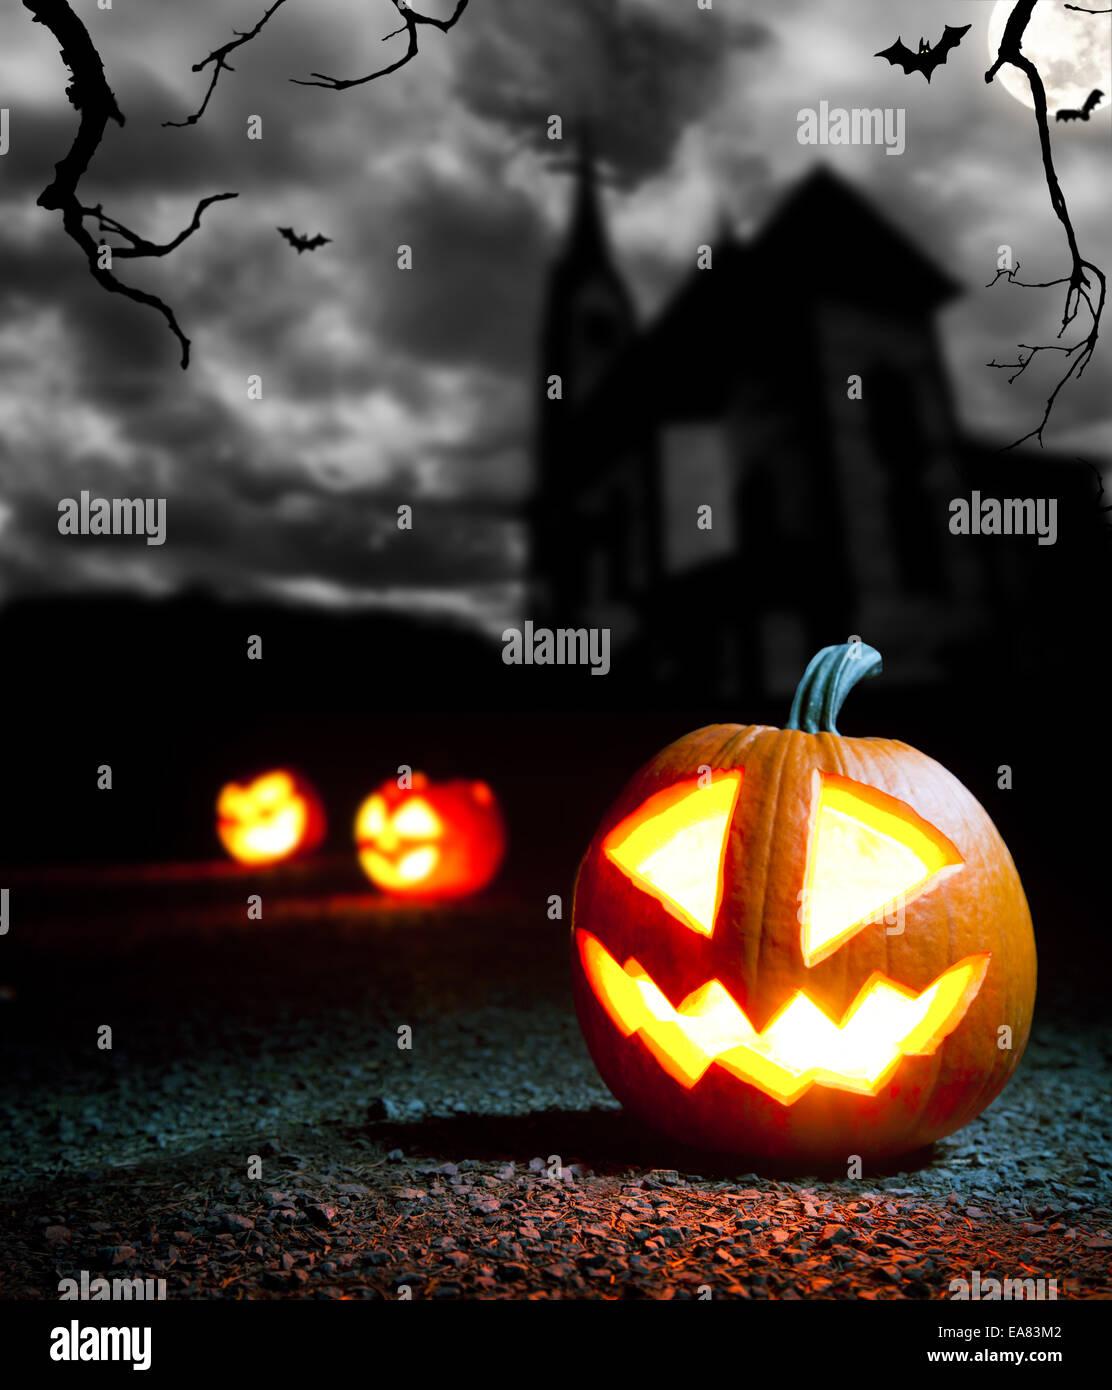 Evil Pumpkin Stock Photos & Evil Pumpkin Stock Images - Alamy